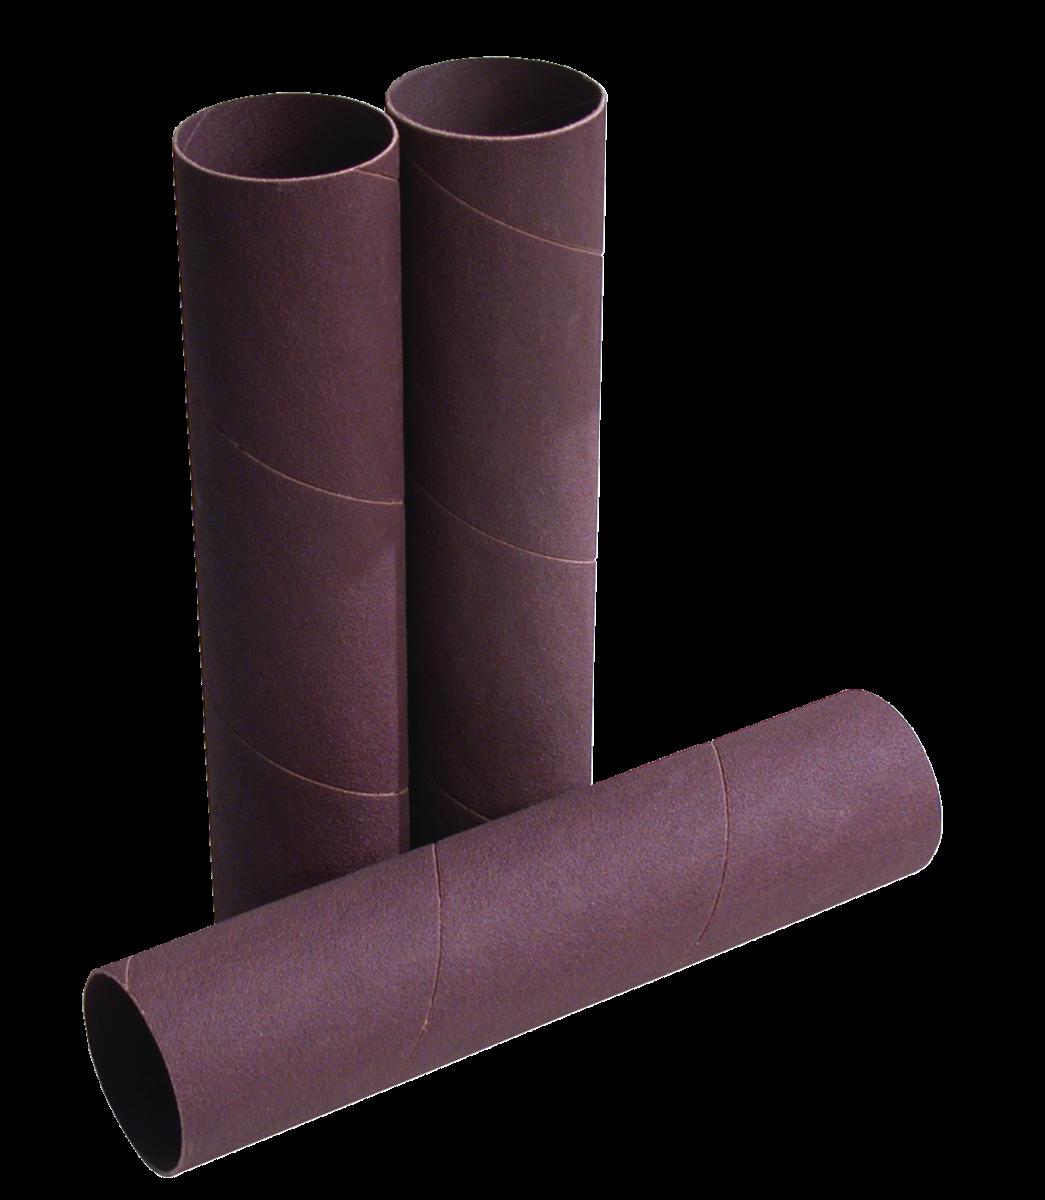 """Sanding Sleeves, 3/8""""x6"""", 150 Grit (4 pack)"""